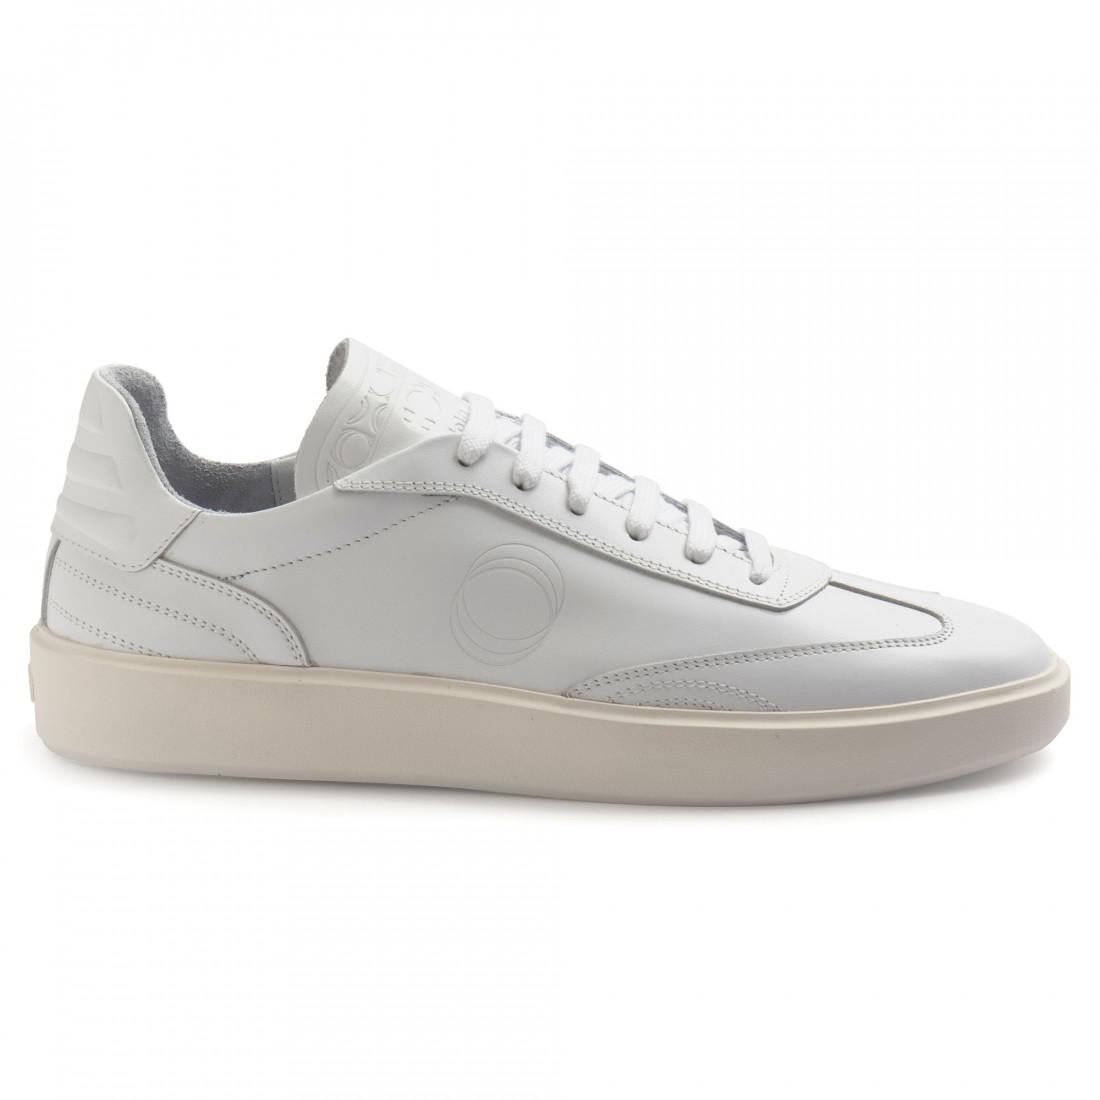 sneakers uomo pantofola doro llg1au02 8428